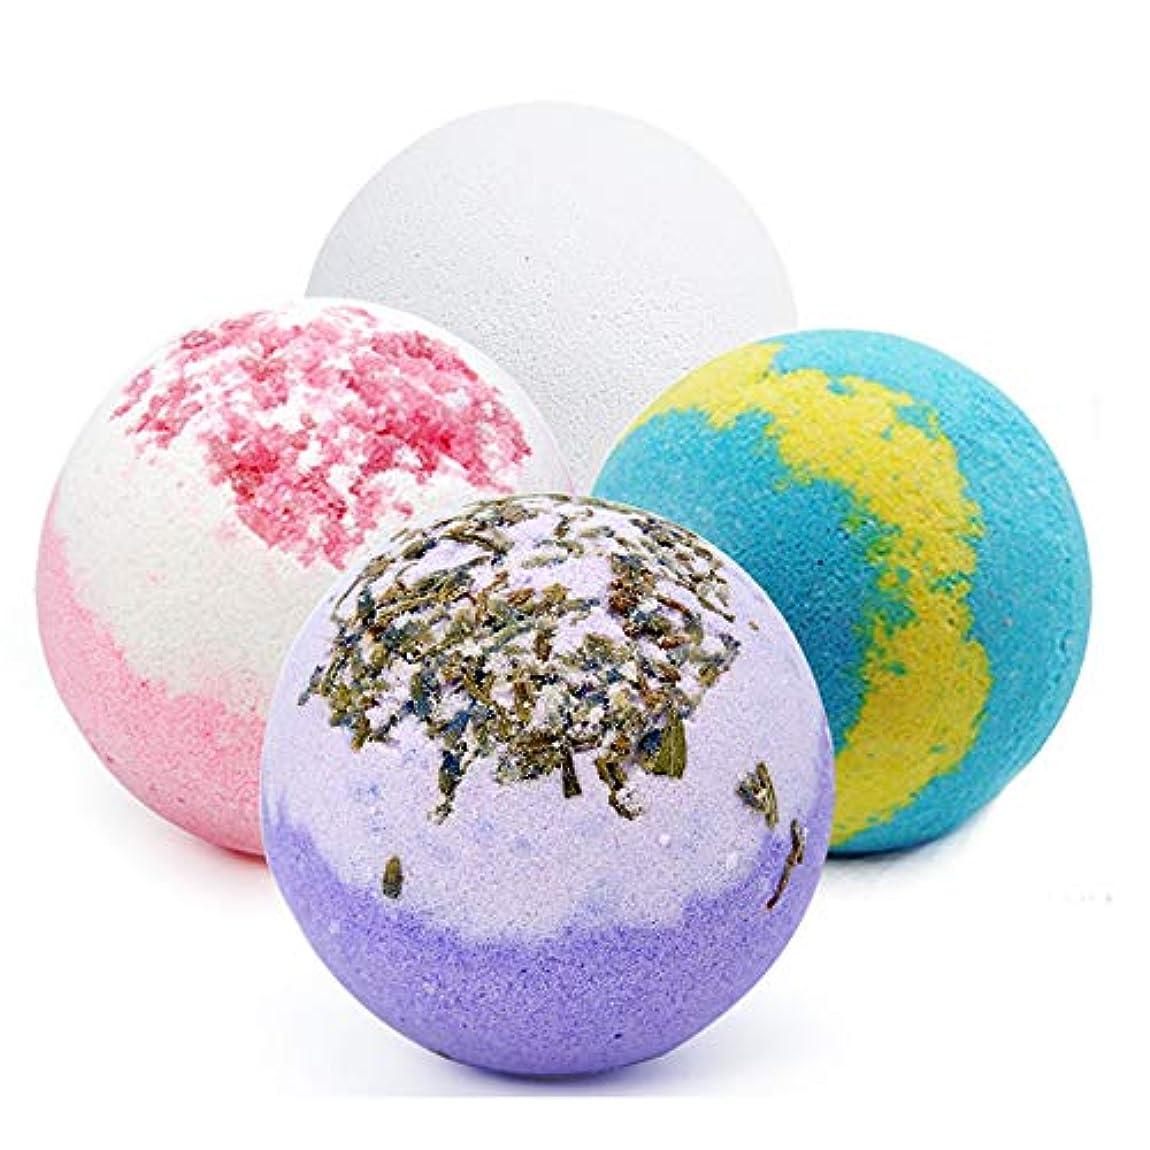 瞑想的手錠力バスボム 入浴剤 炭酸 バスボール 6つの香り 手作り 入浴料 うるおいプラス お風呂用 入浴剤 ギフトセット4枚 プレゼント最適